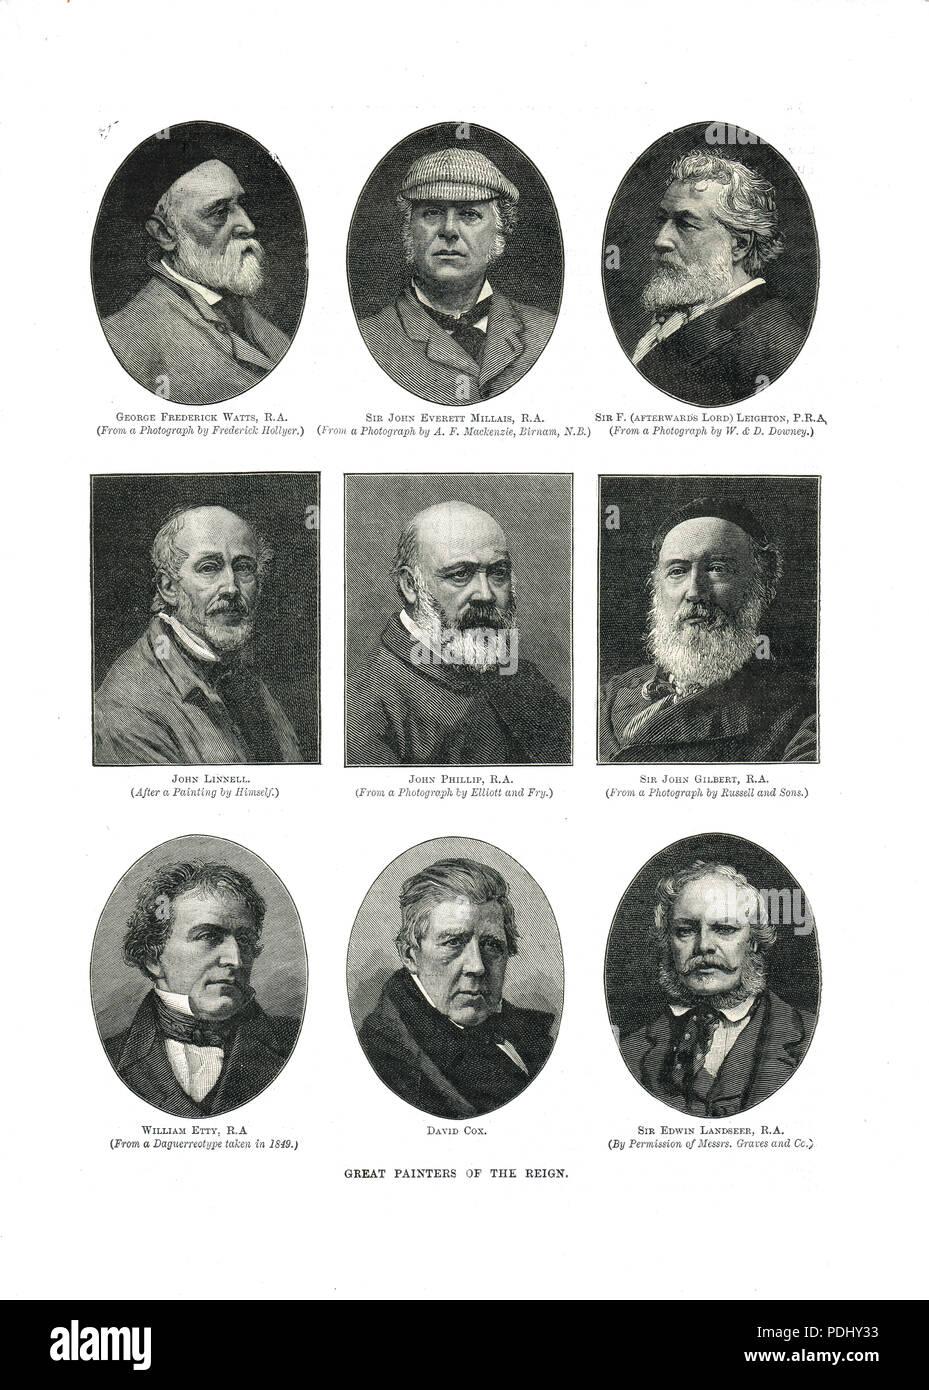 Grandes pintores del siglo XIX Imagen De Stock